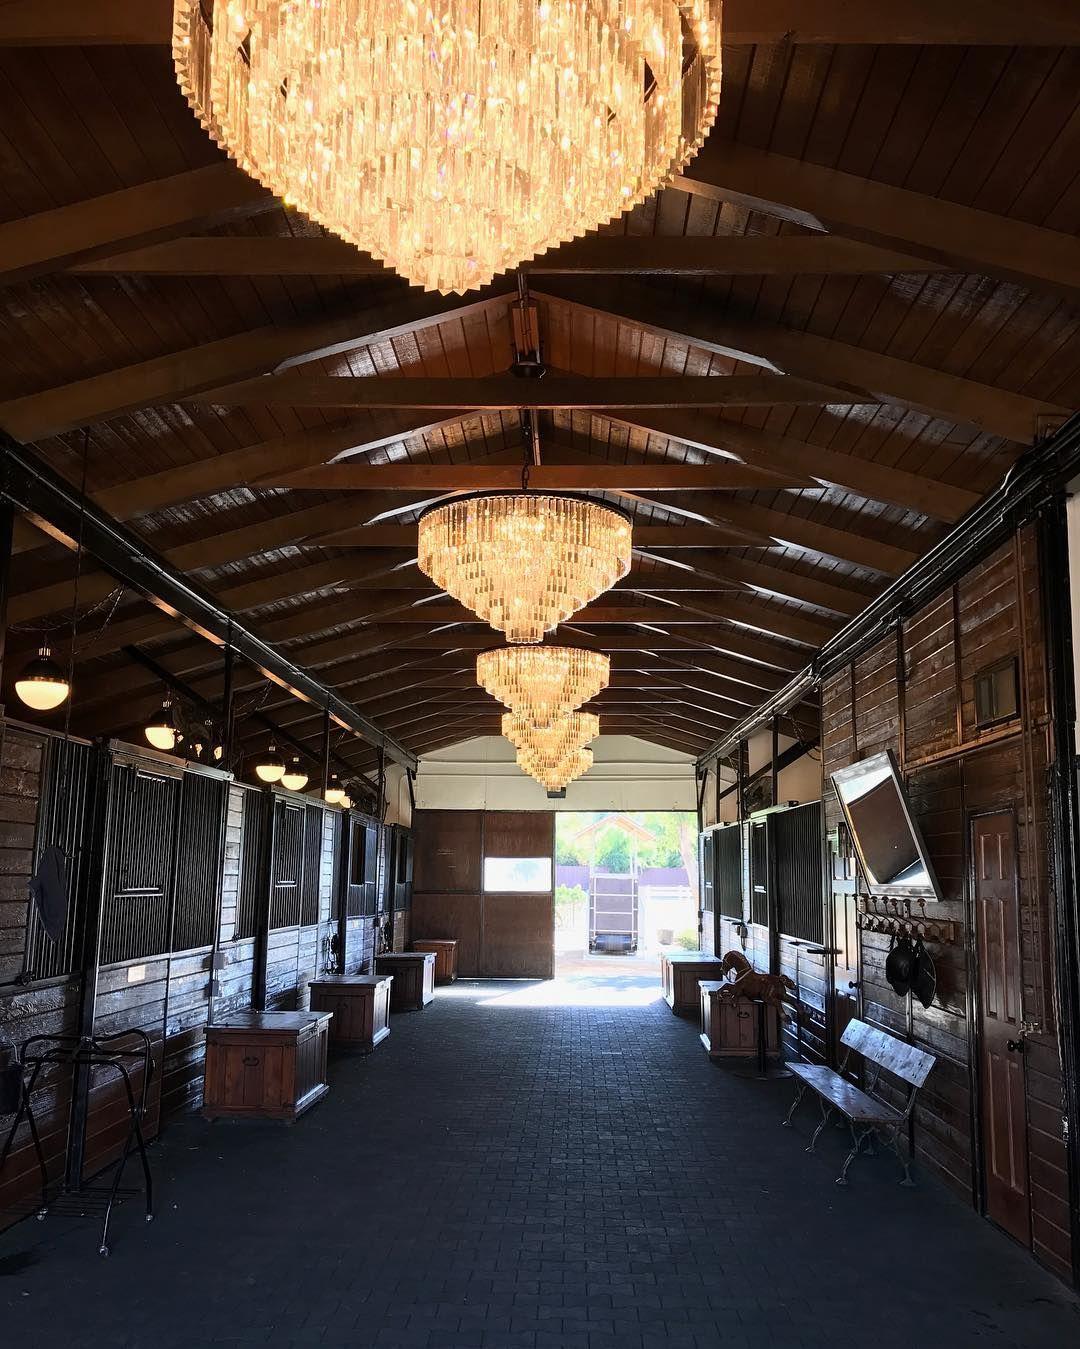 When Your Interior Designer Takes On Your Barn And Nails It Genius Jeffandrewsdsgn Horseheaven Mit Bildern Pferde Madchen Pferdemadchen Pferde